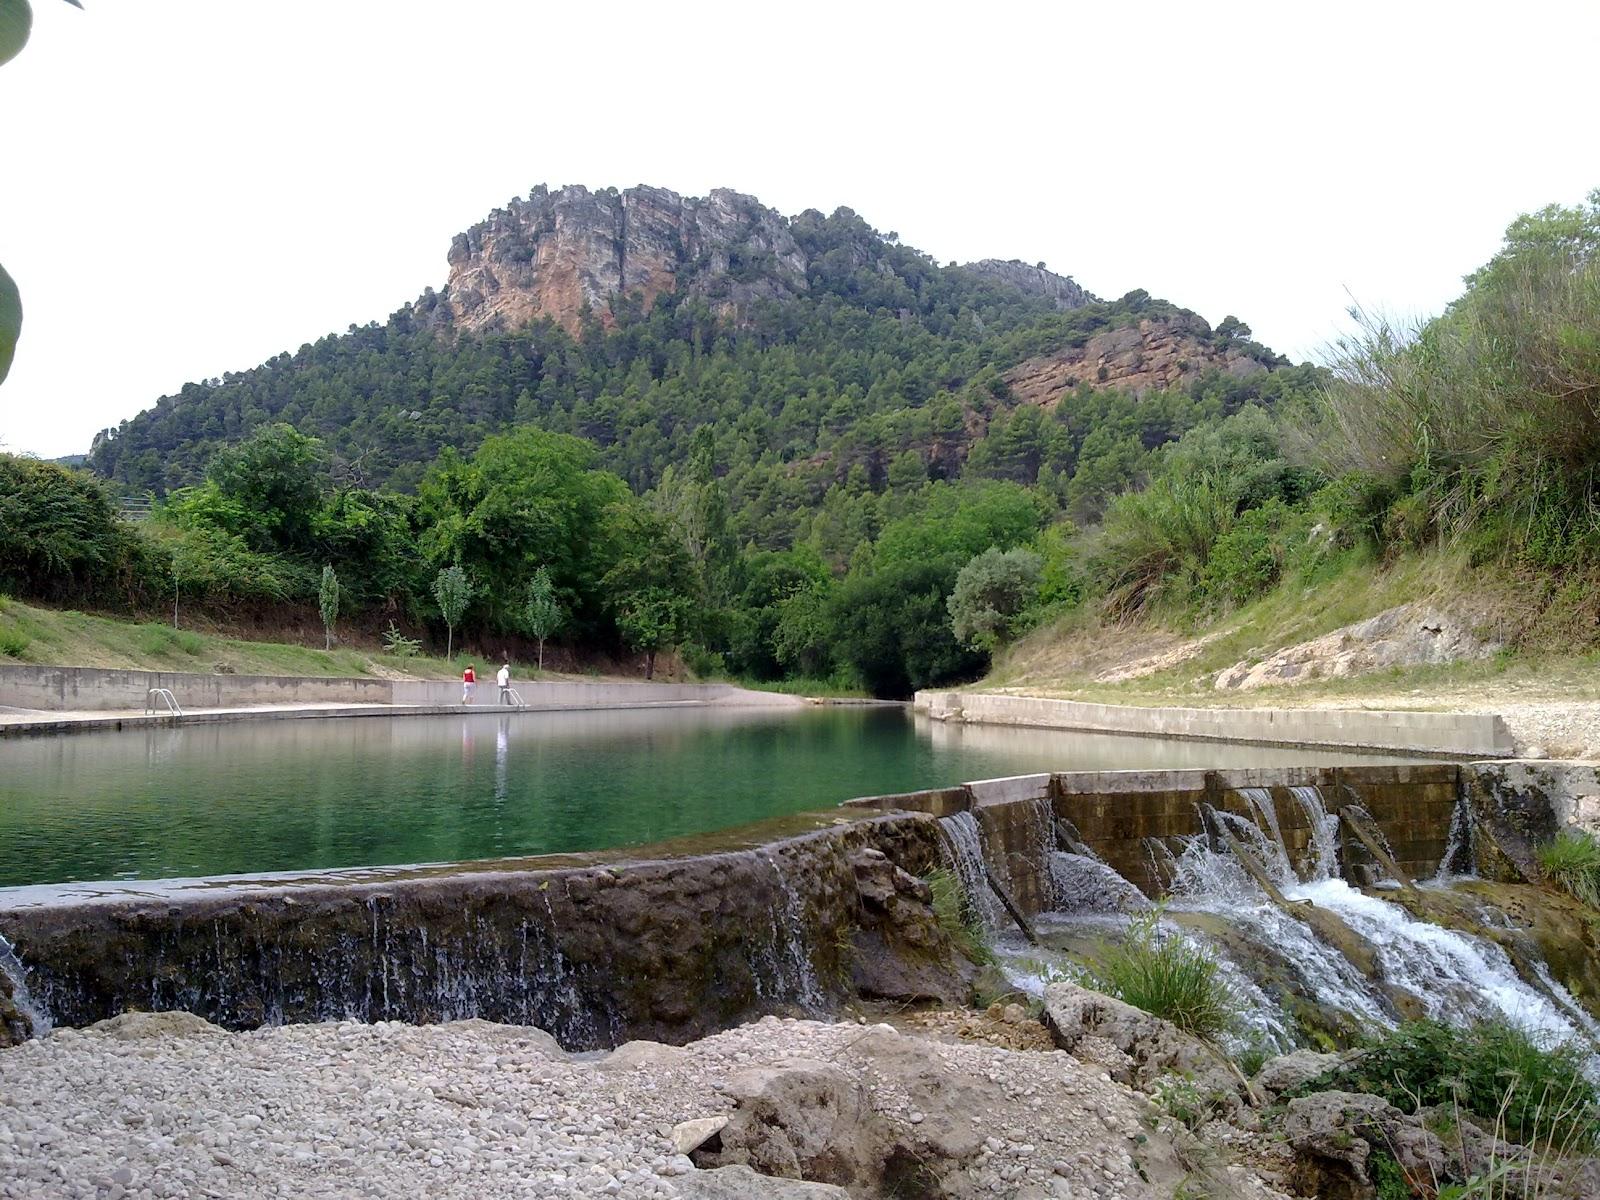 Piscina natural río Matarraña